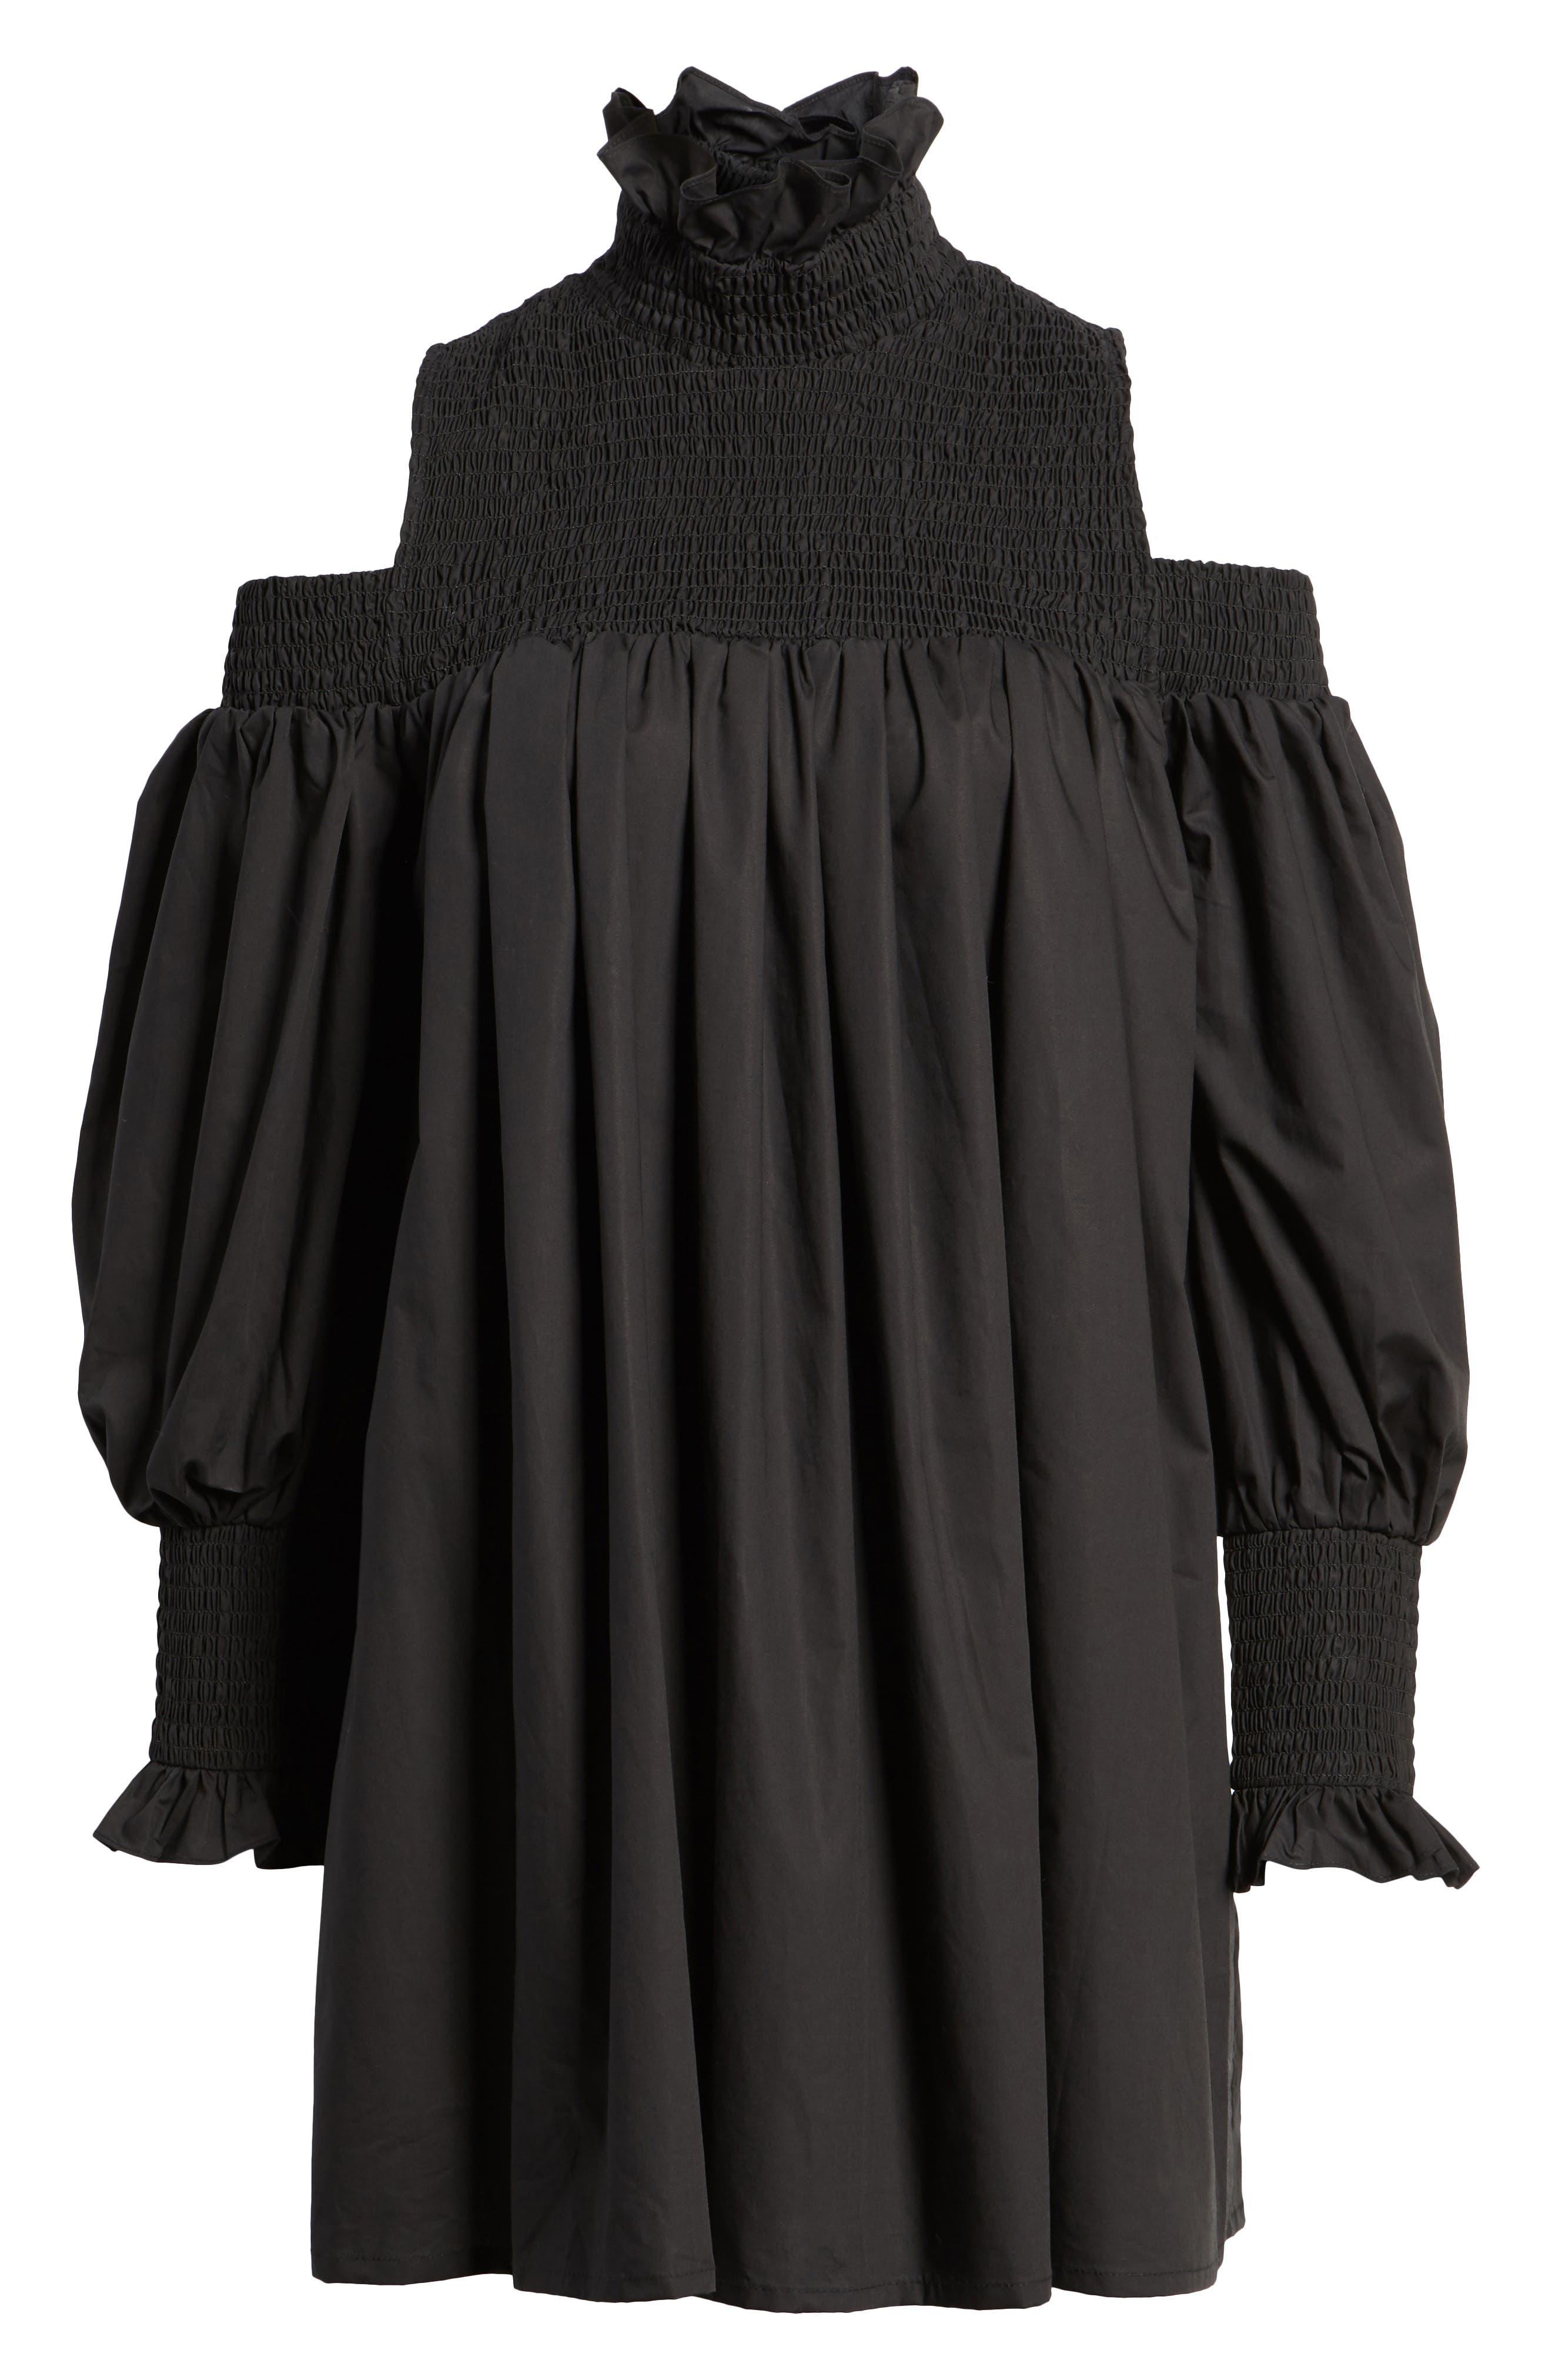 Ivy Cold Shoulder Dress,                             Alternate thumbnail 6, color,                             001